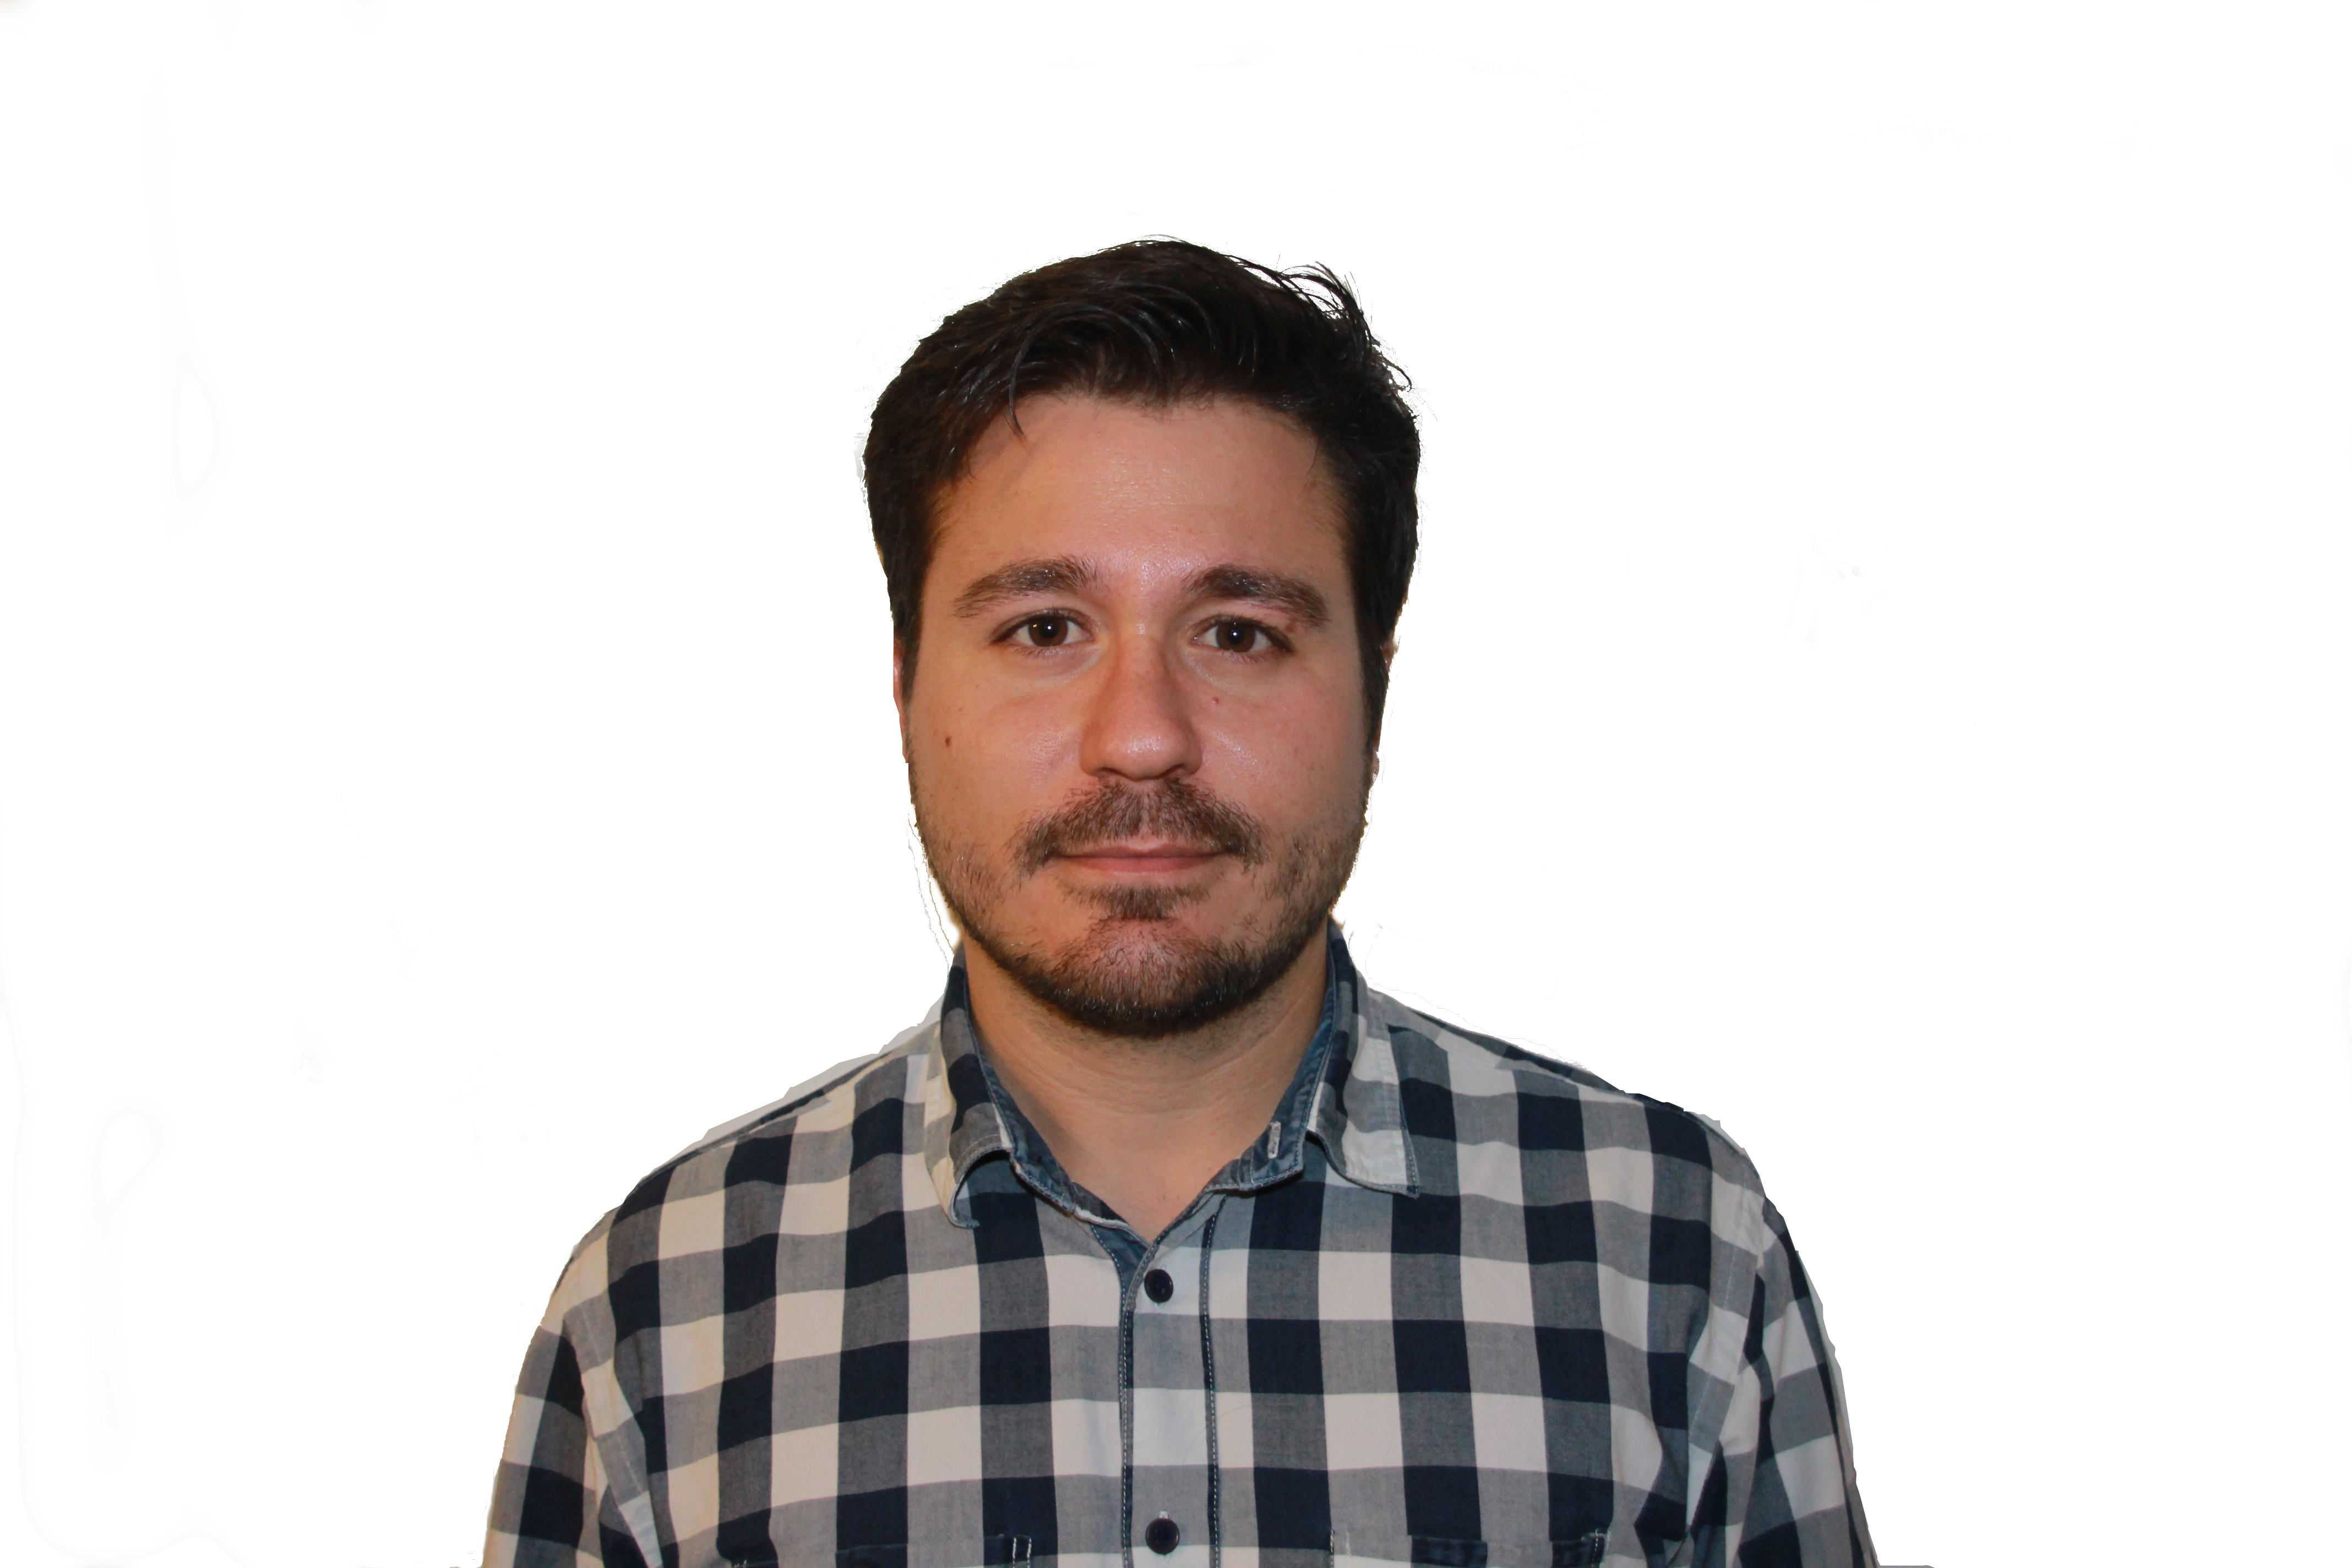 Quintero Morales, José Luis